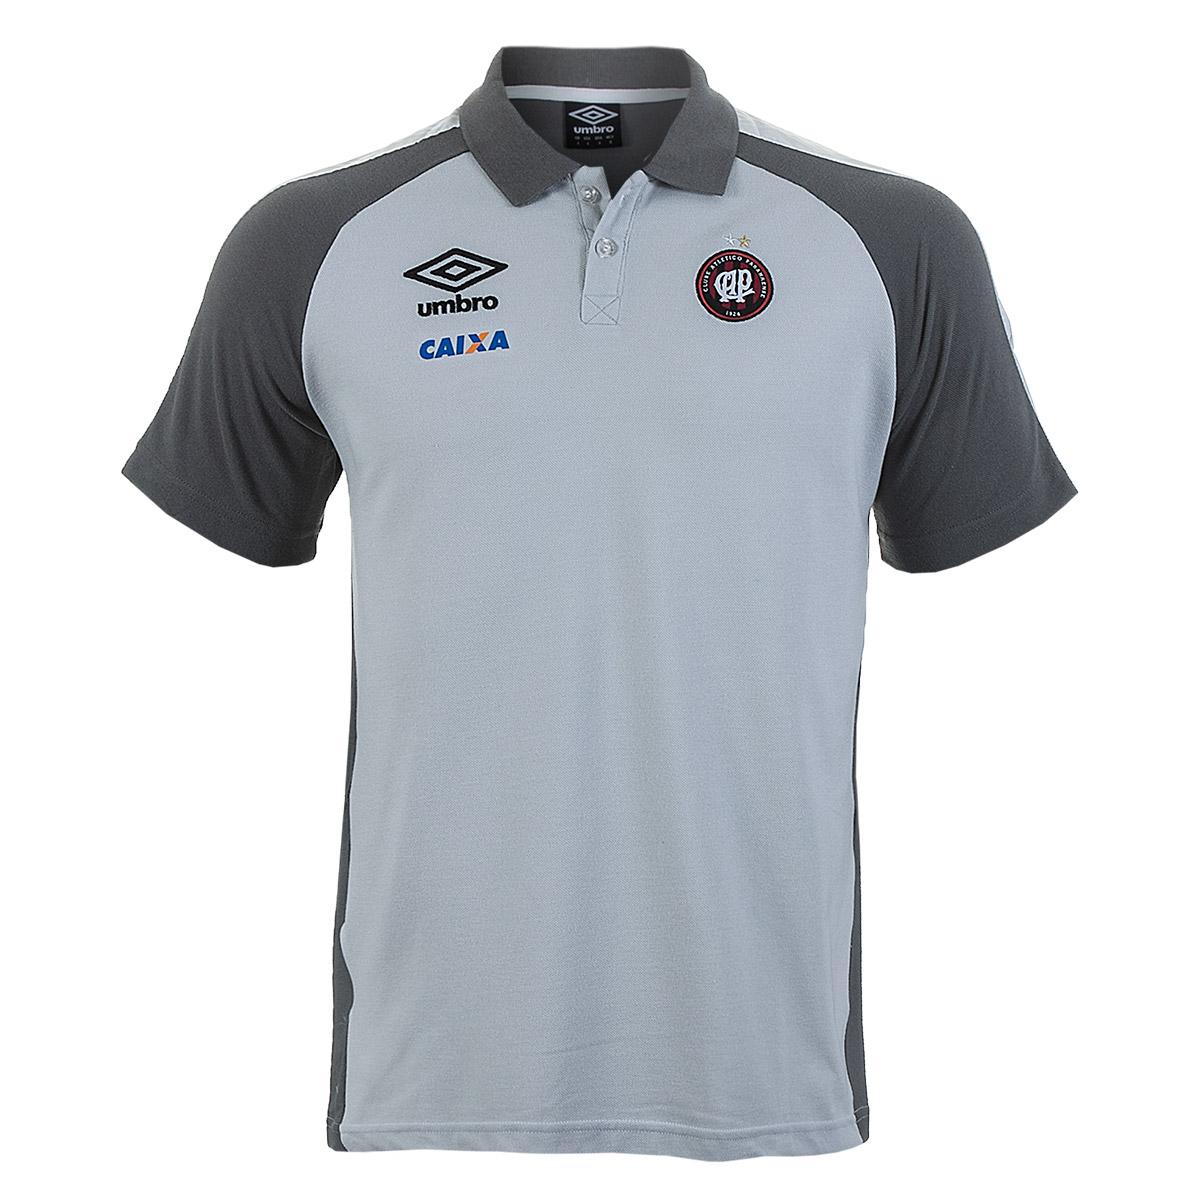 Camisa Polo Masc. Umbro Viagem Atletico Paranaense Esporte - Indoor - Cinza/Prata